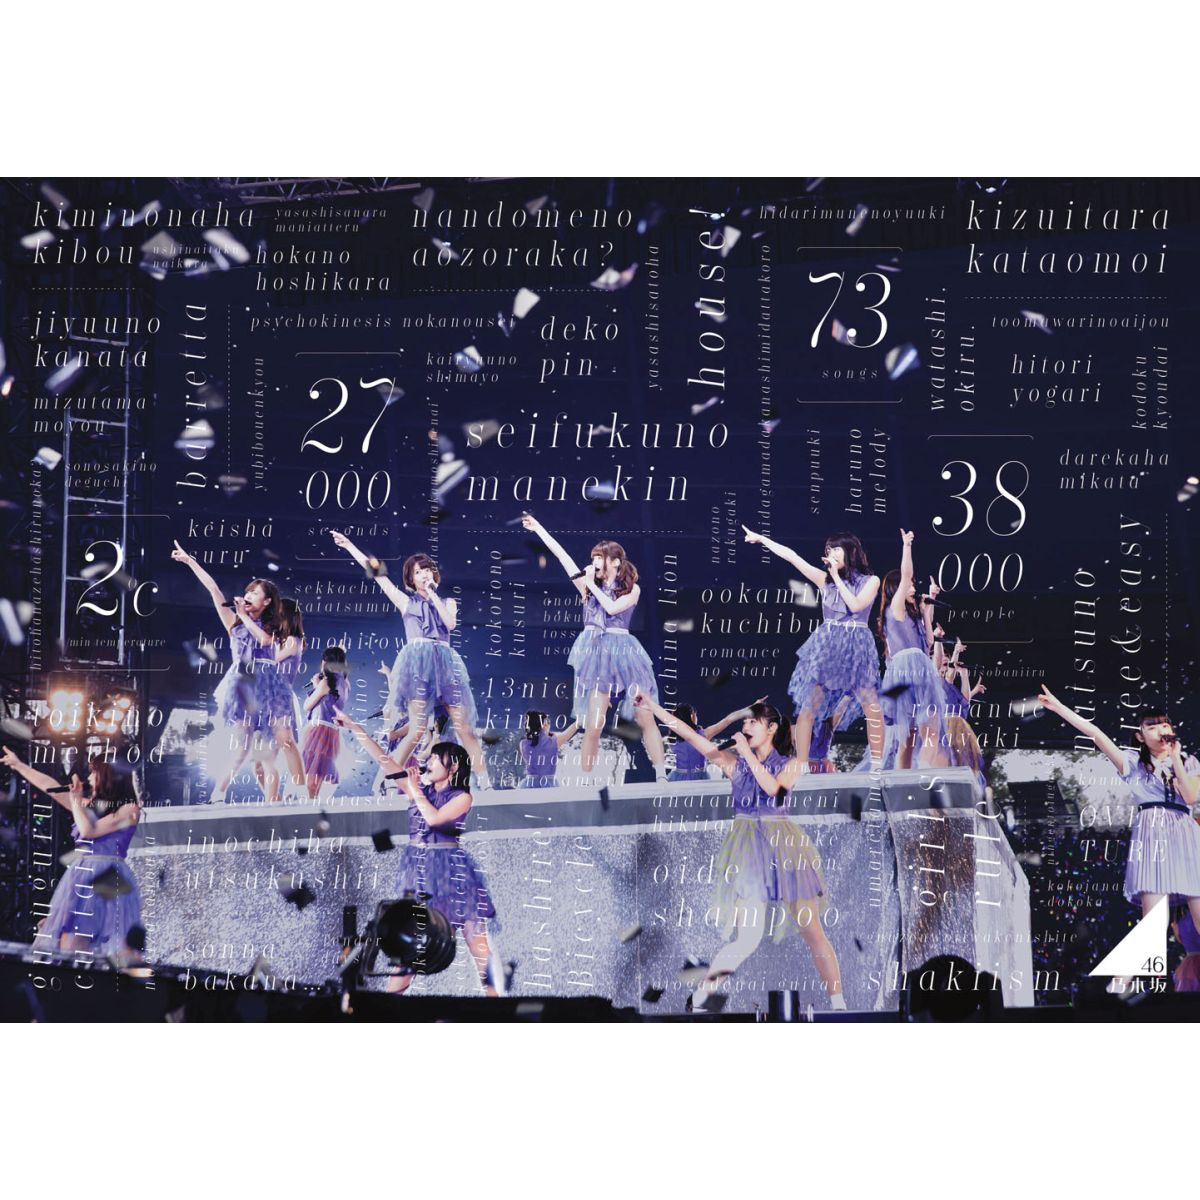 「乃木坂46のライブチケットの種類と価格」の画像検索結果